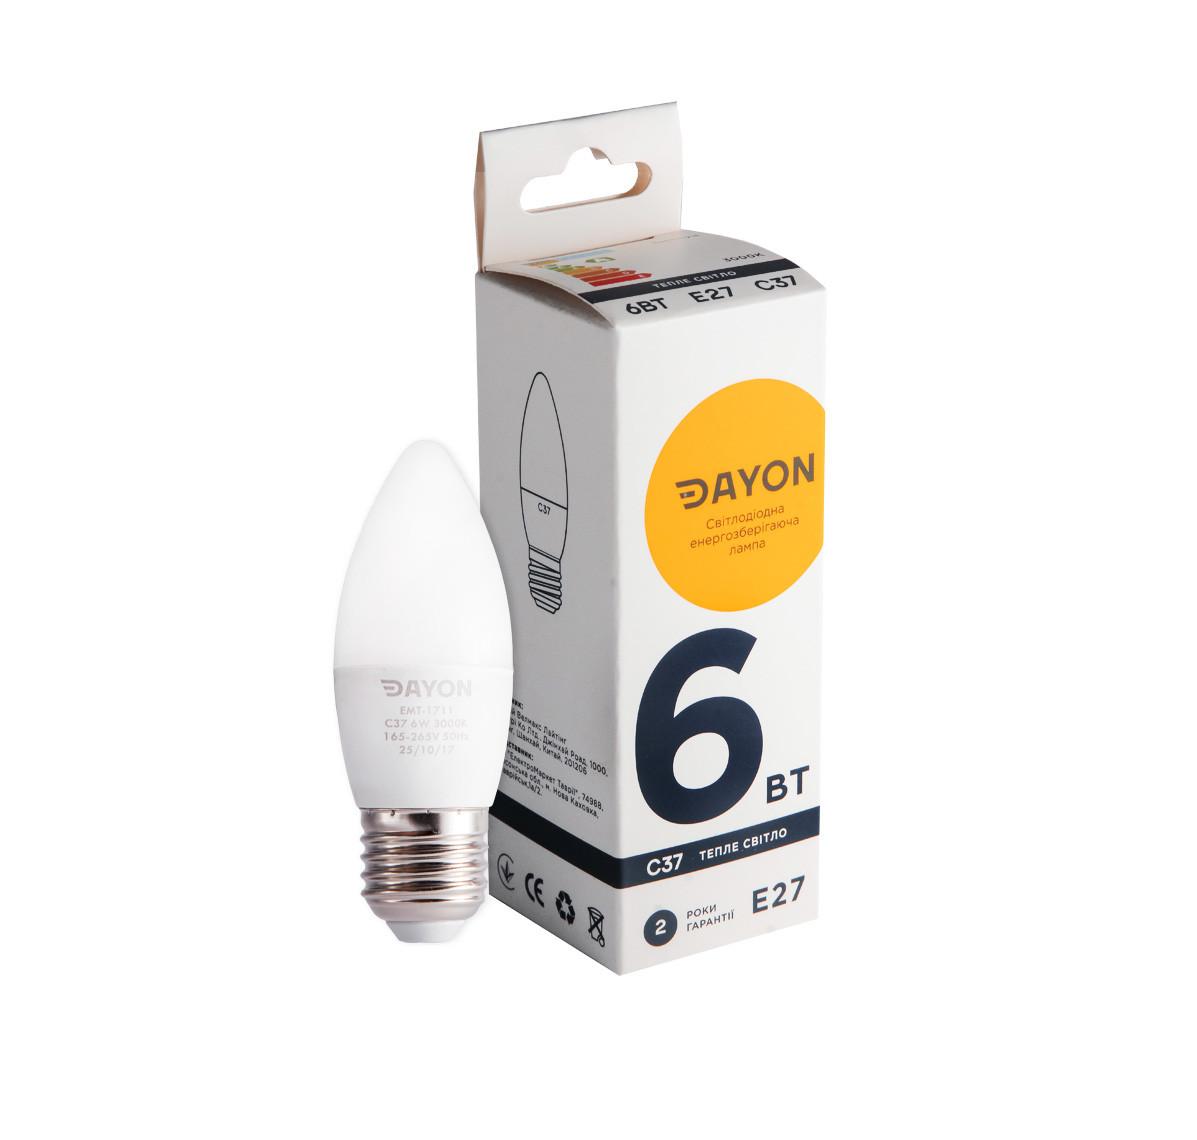 Светодиодная лампа DAYON EMT-1711 C37 6W 3000K E27